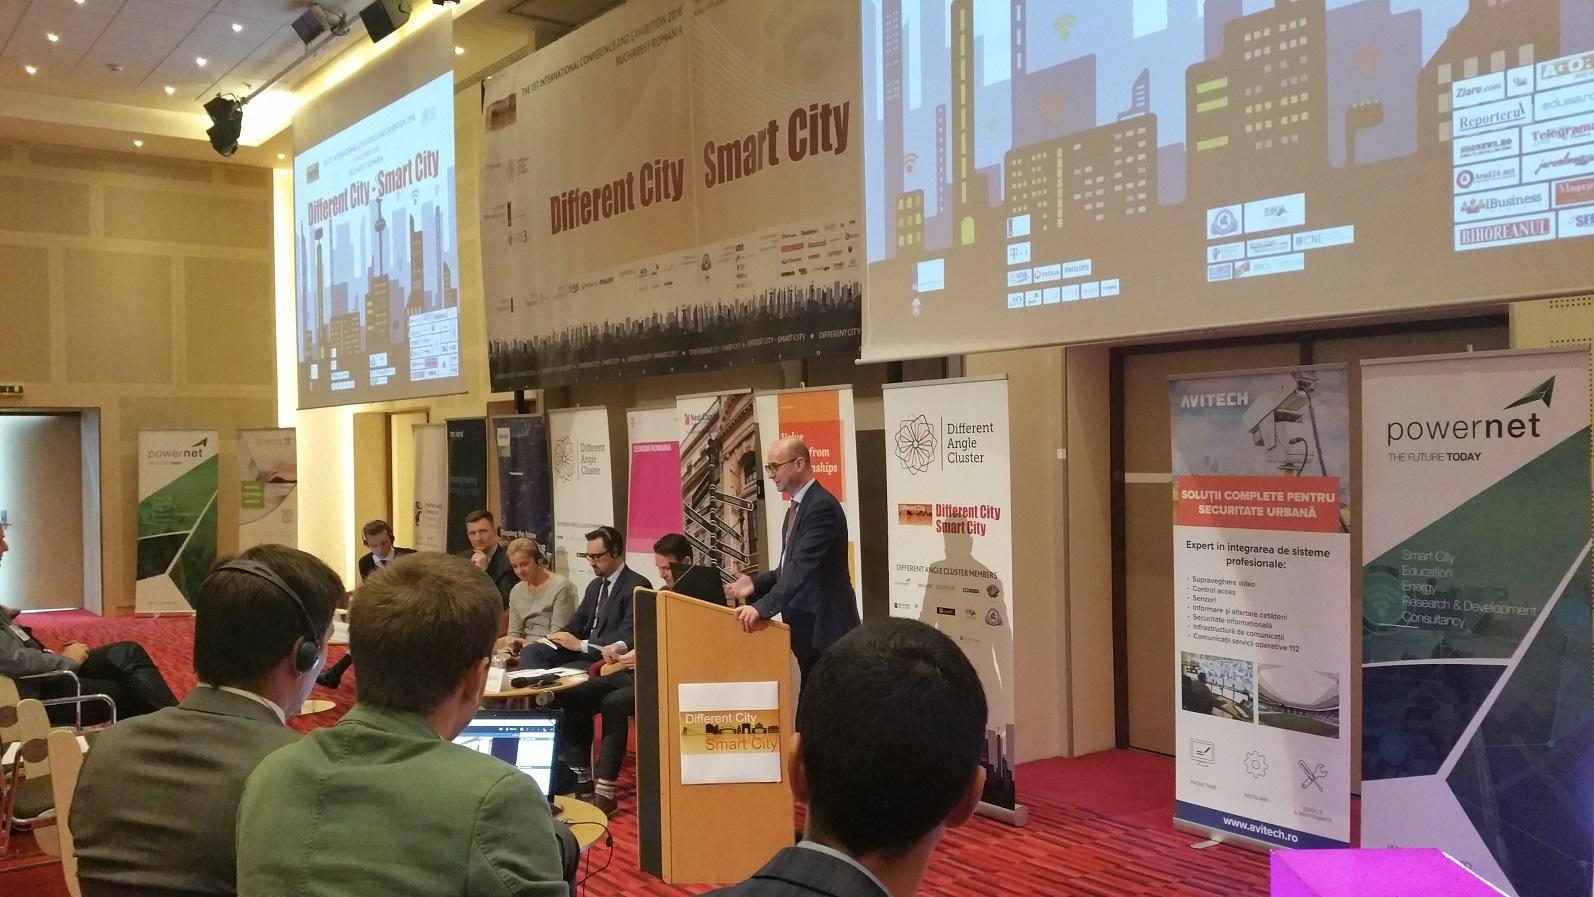 different-city-smart-city-foto-pavaza-carpatilor3